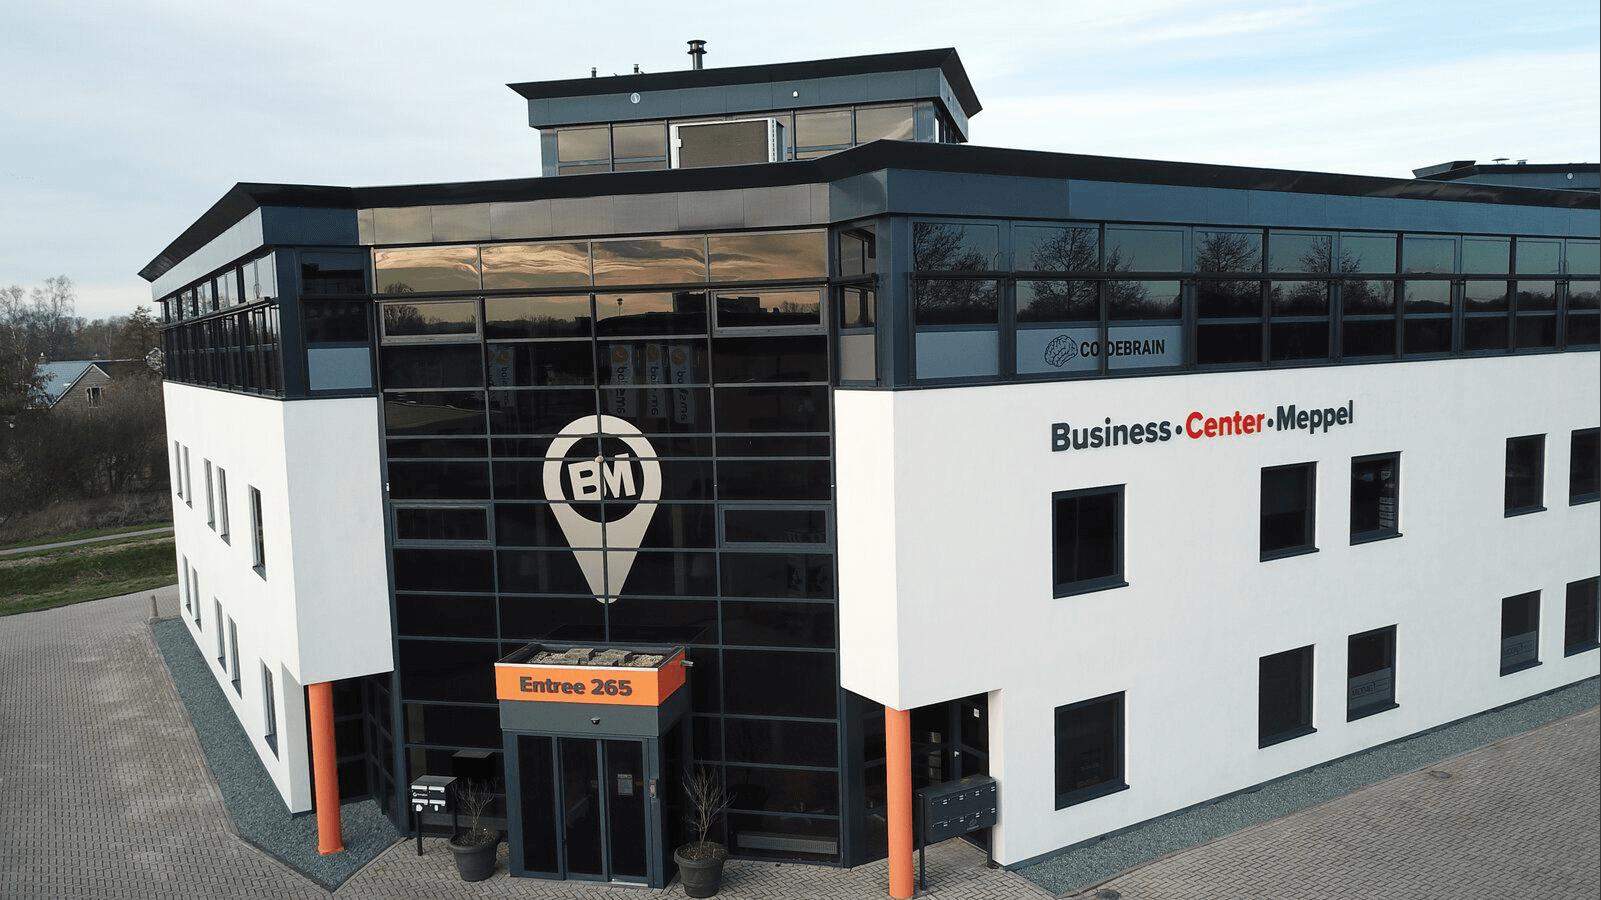 Pand Business Center Meppel